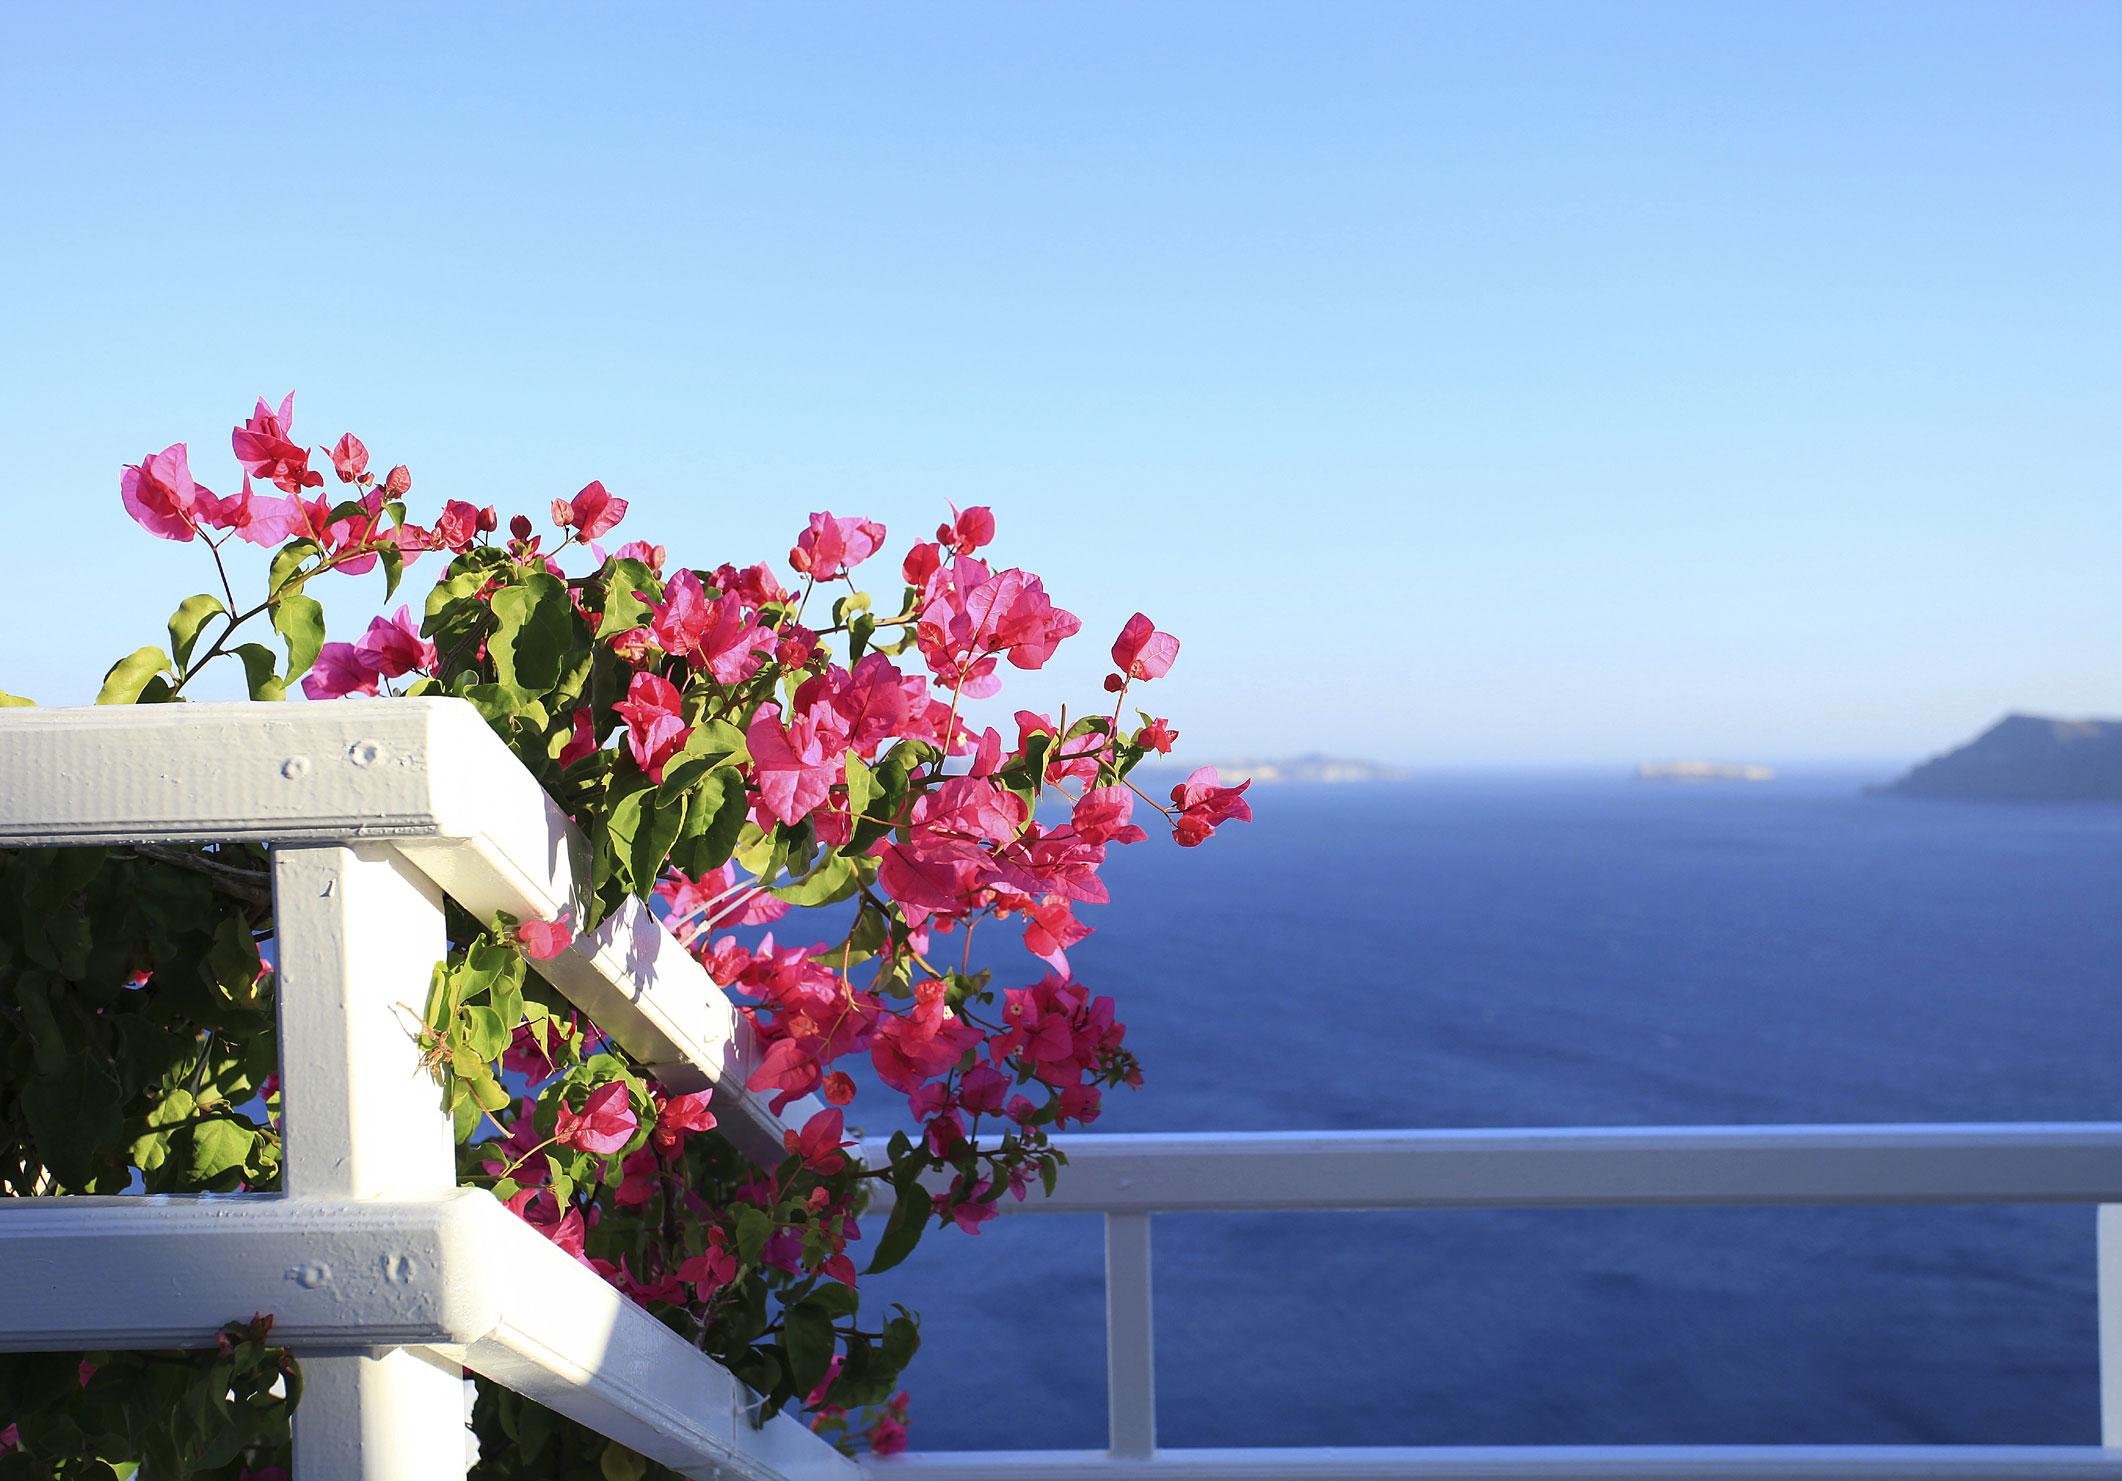 flowers-pink-web.jpg